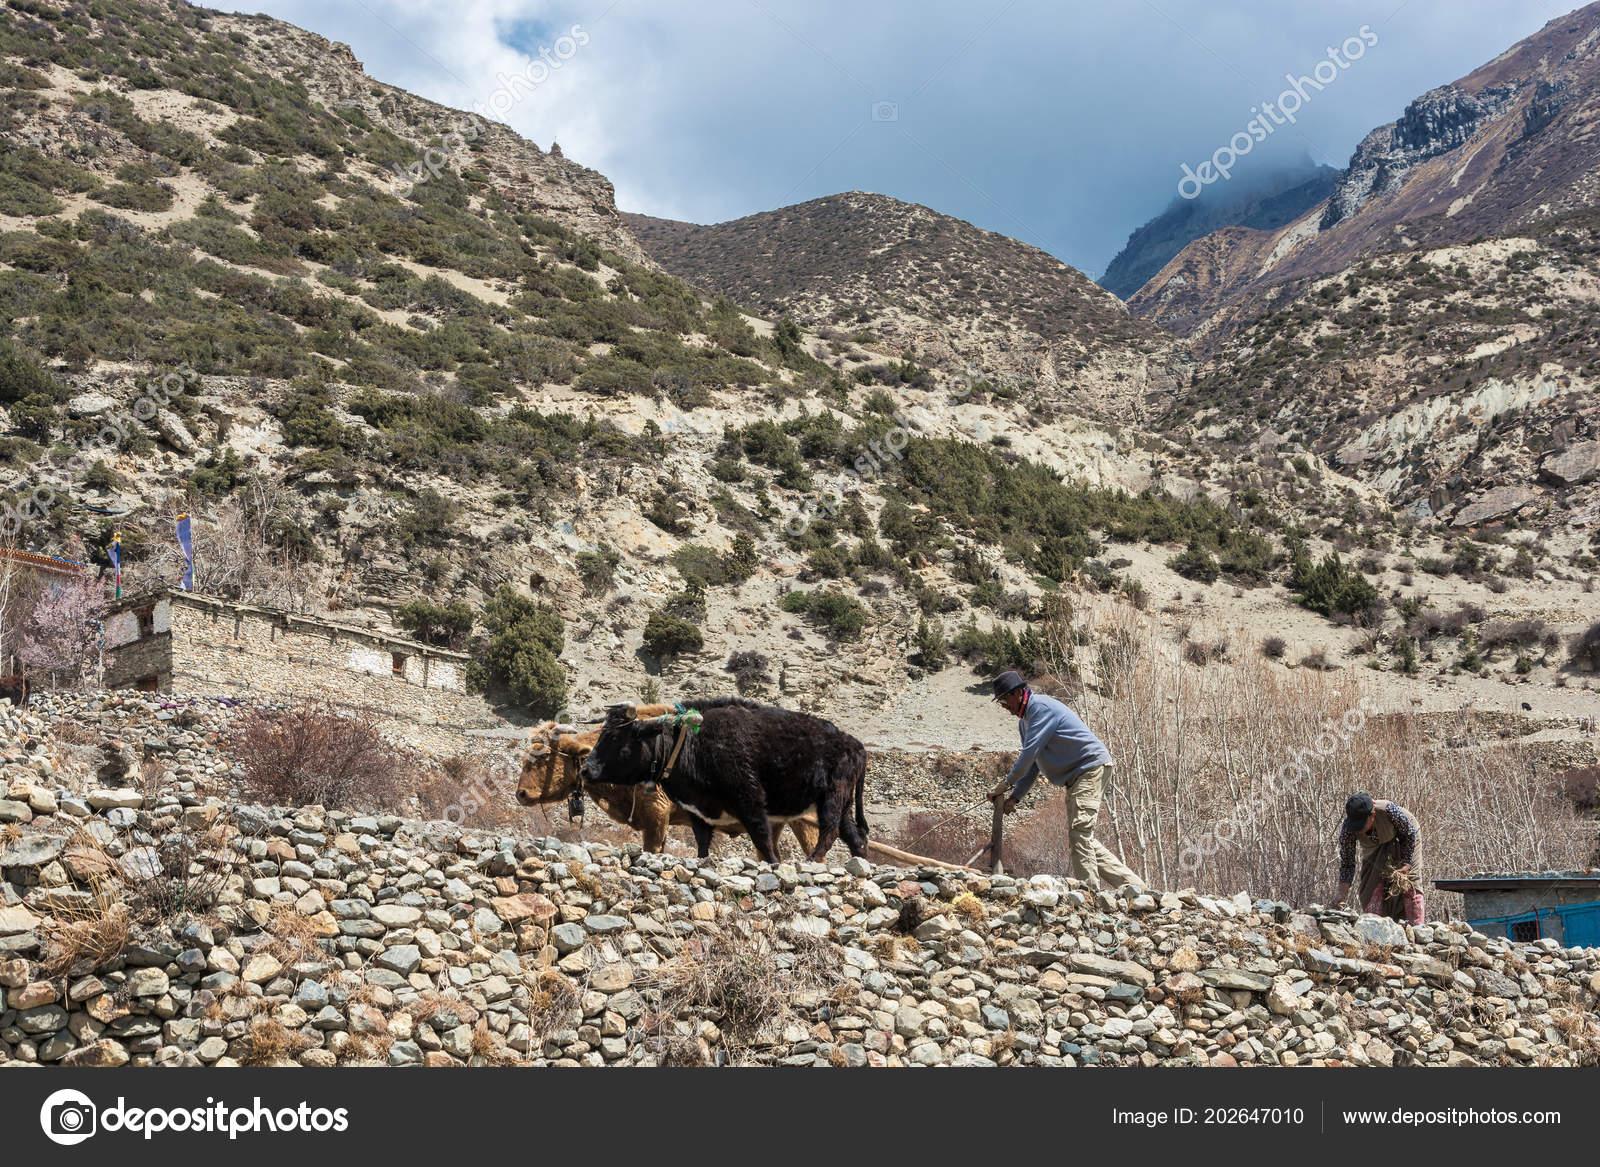 professionelle Website guter Verkauf zuverlässiger Ruf Villaggio Manang Himalaya Nepal 2018 Uomo Una Donna Che Ara ...